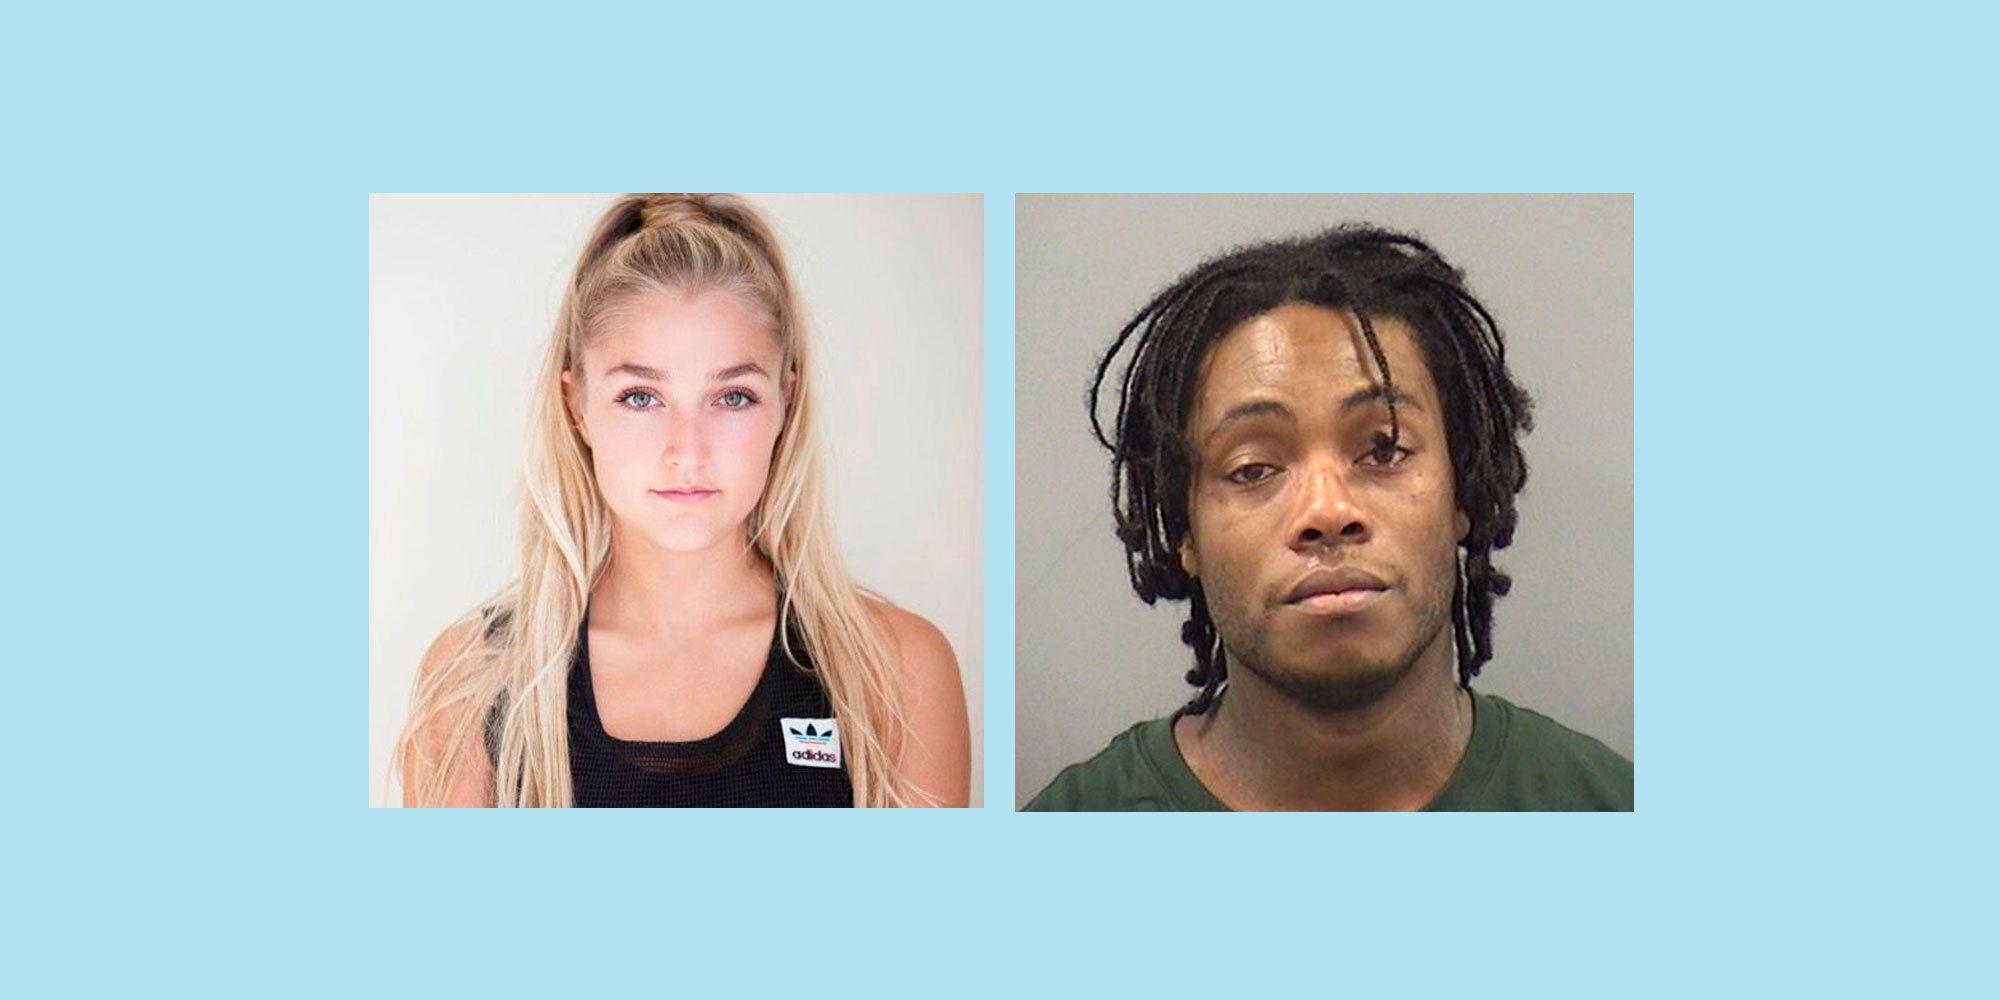 Louella Fletcher-Michie's boyfriend has had his conviction overturned